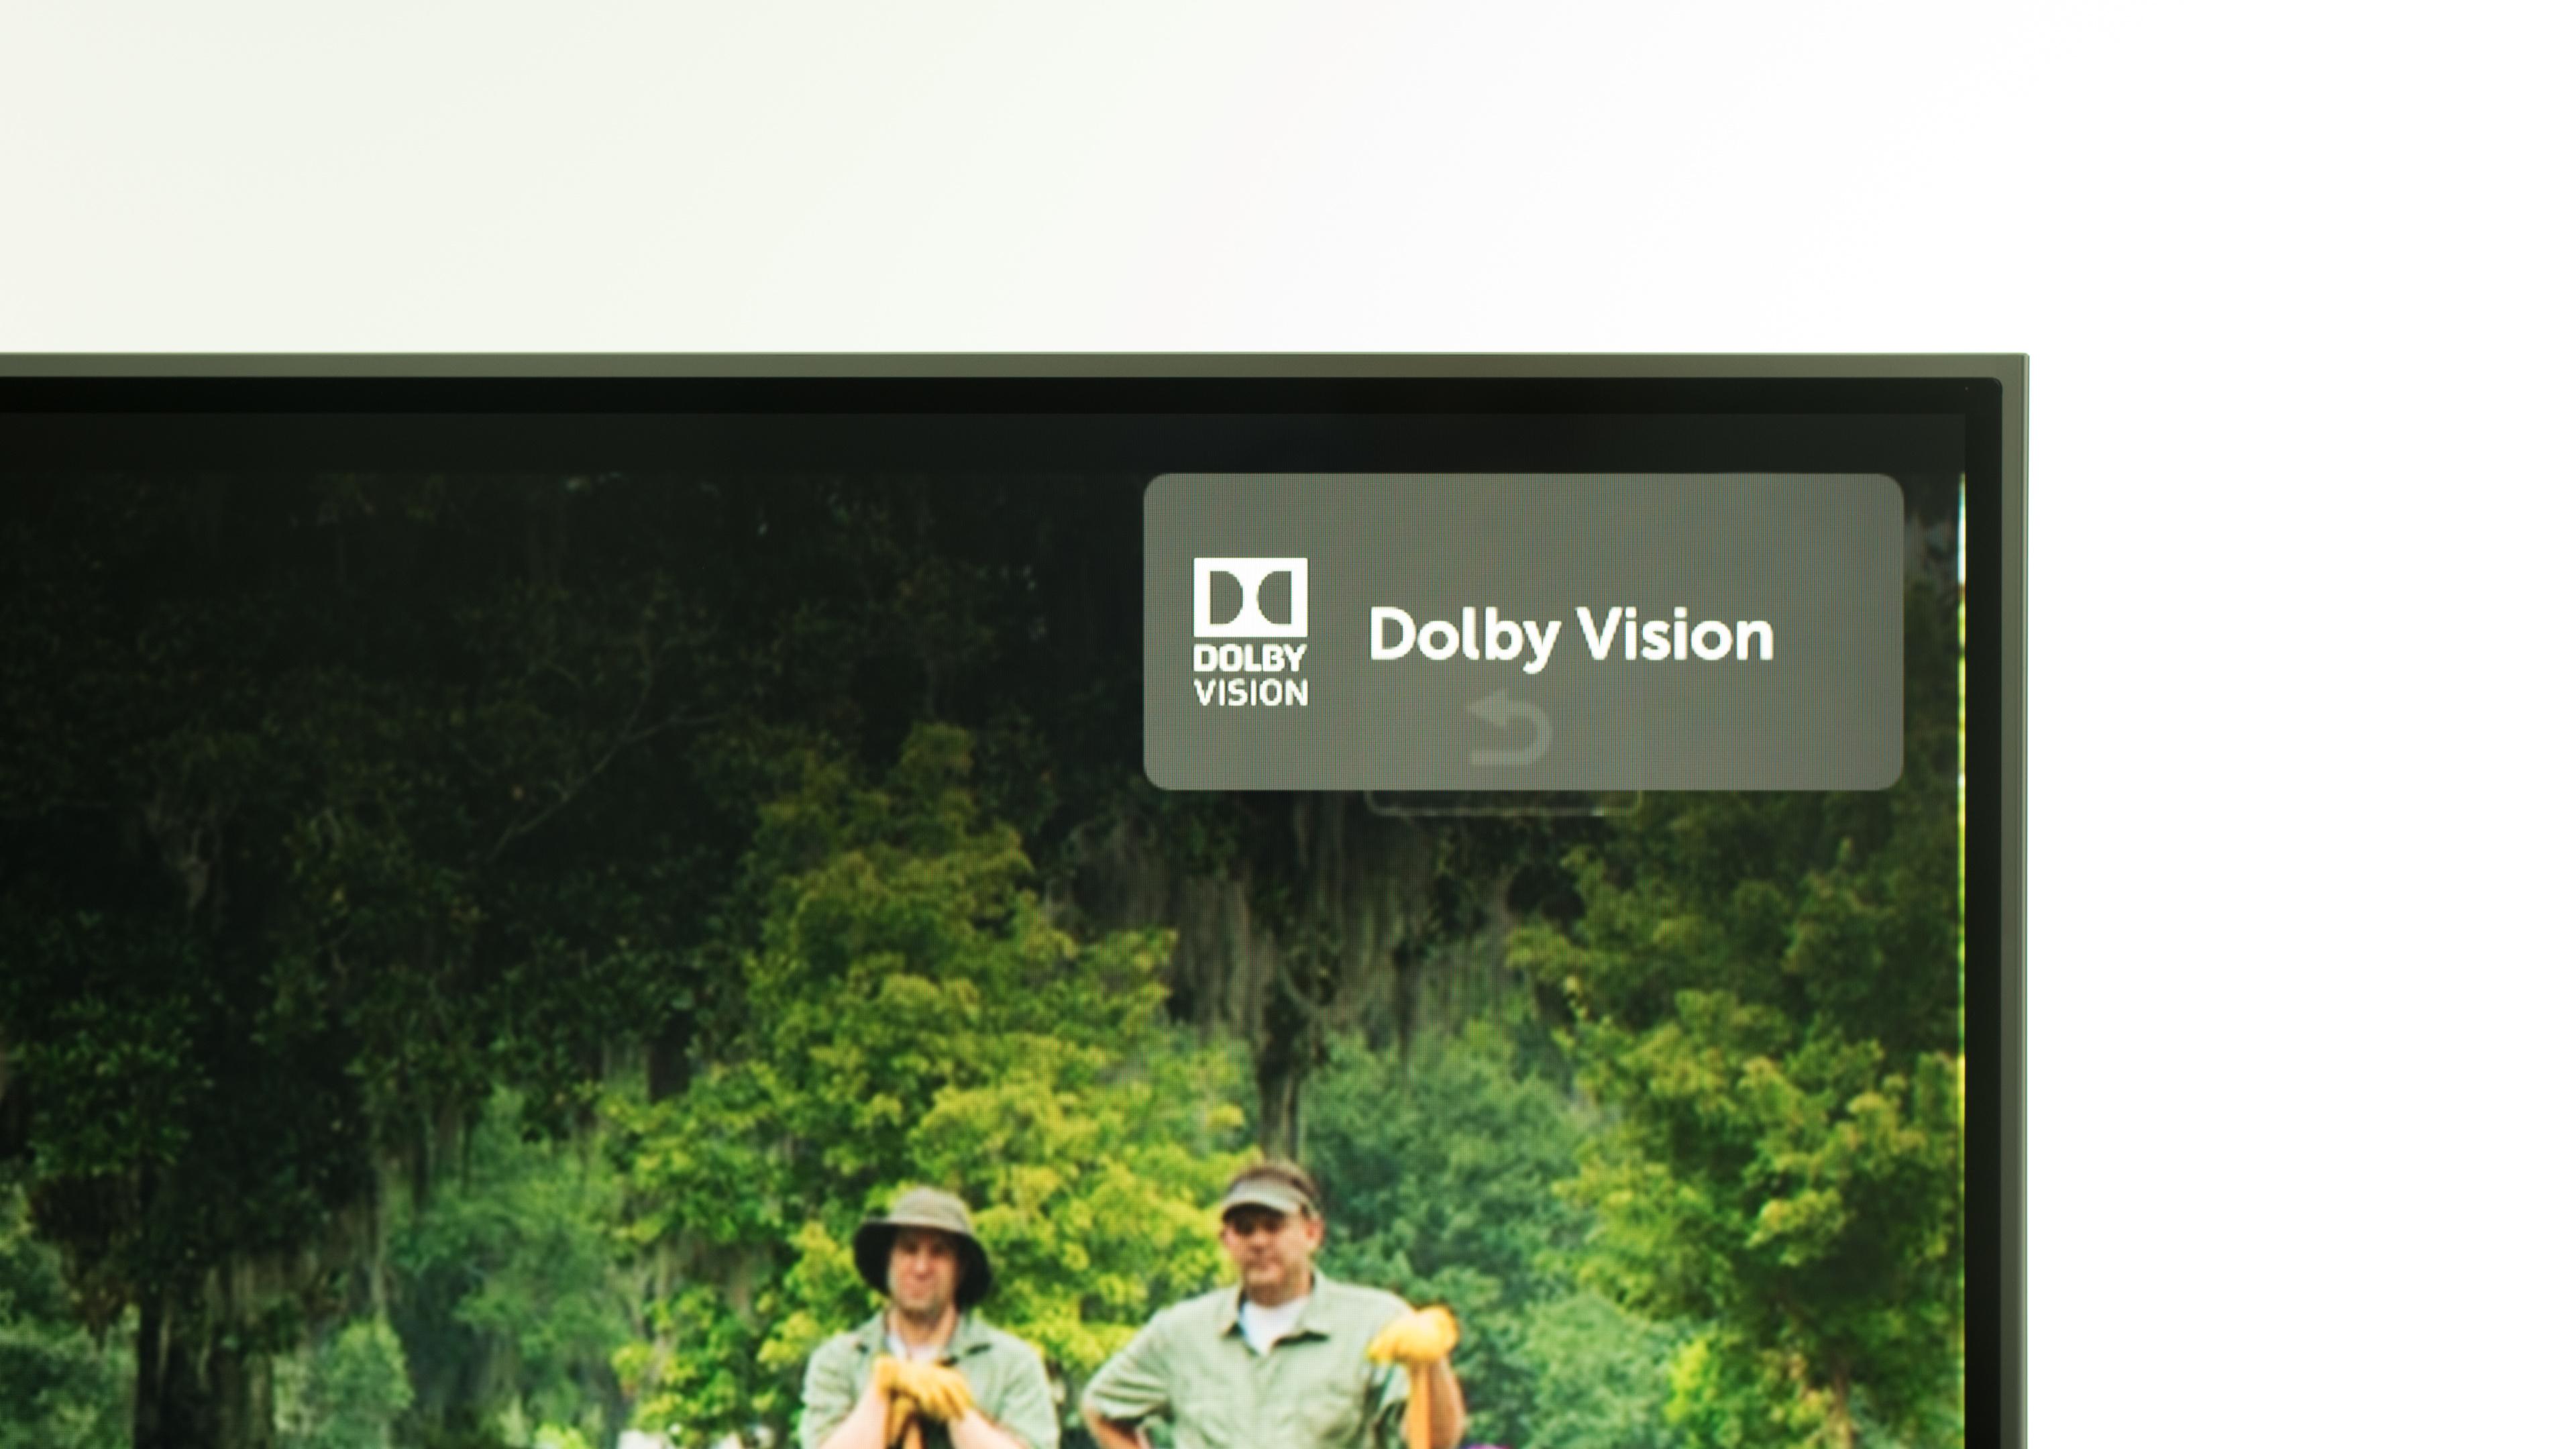 bedeutung smart tv